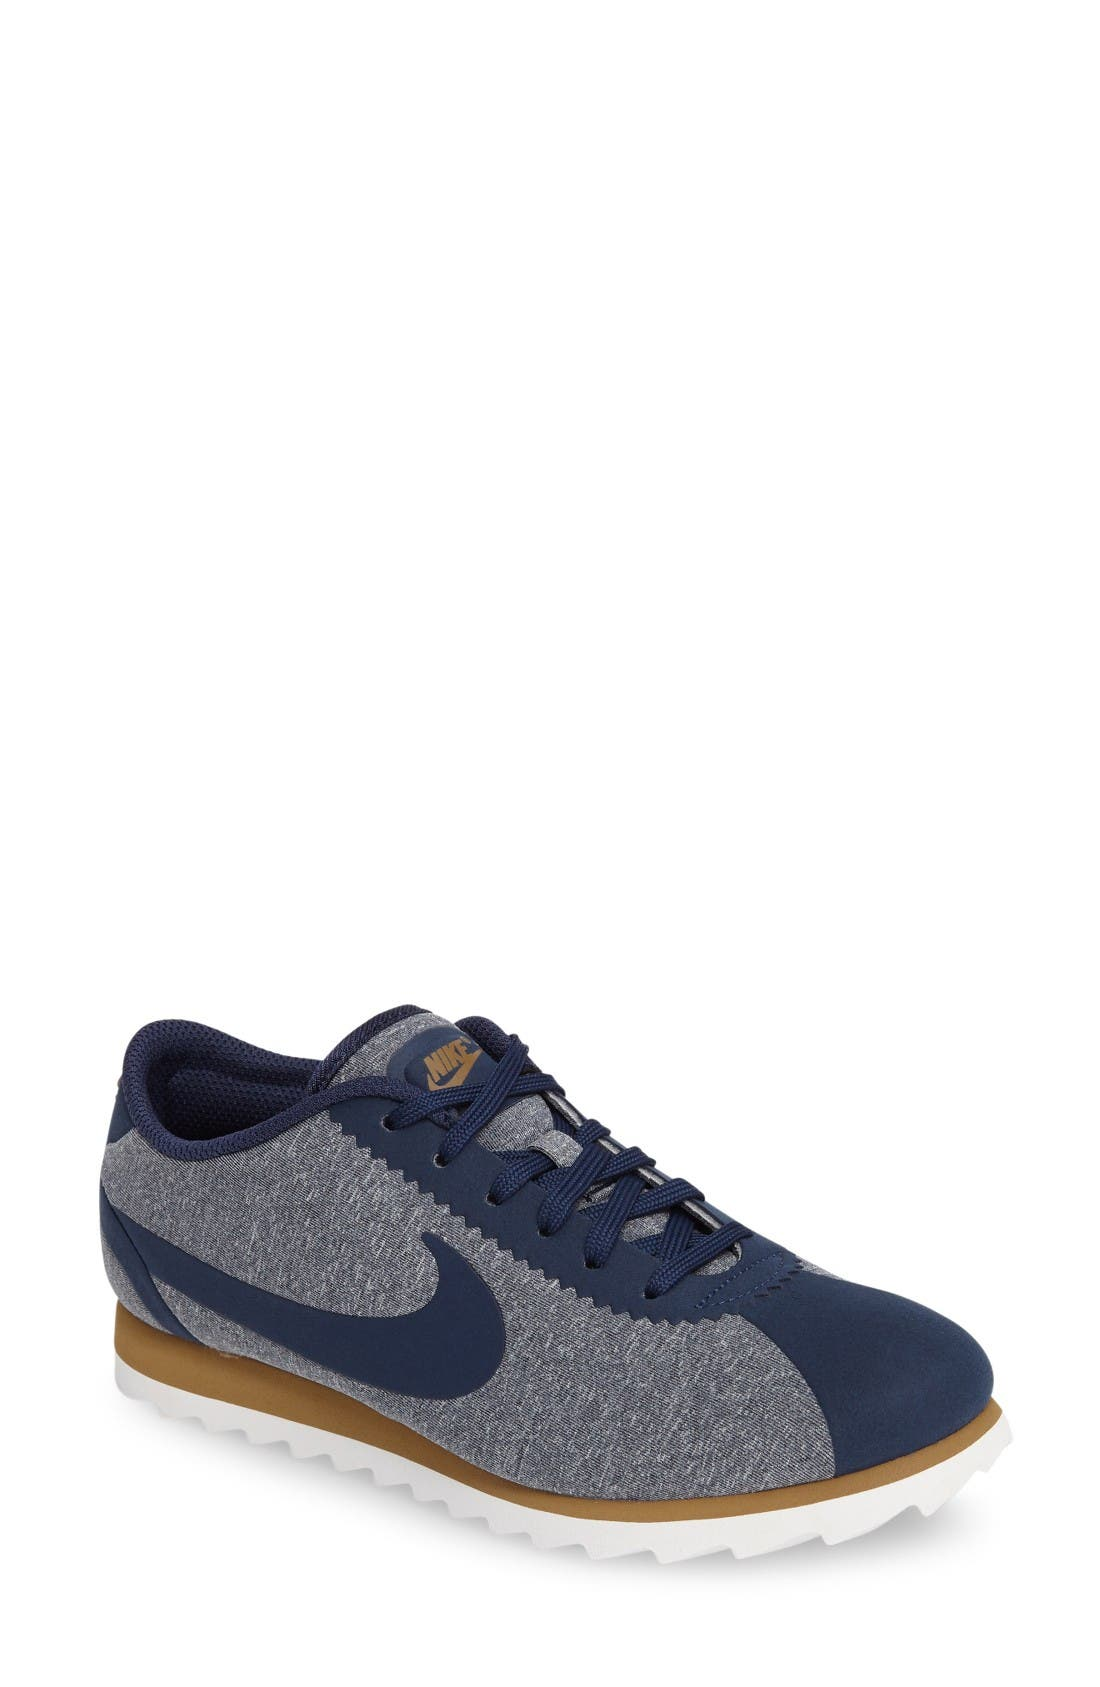 Main Image - Nike Cortez Ultra SE Sneaker (Women)